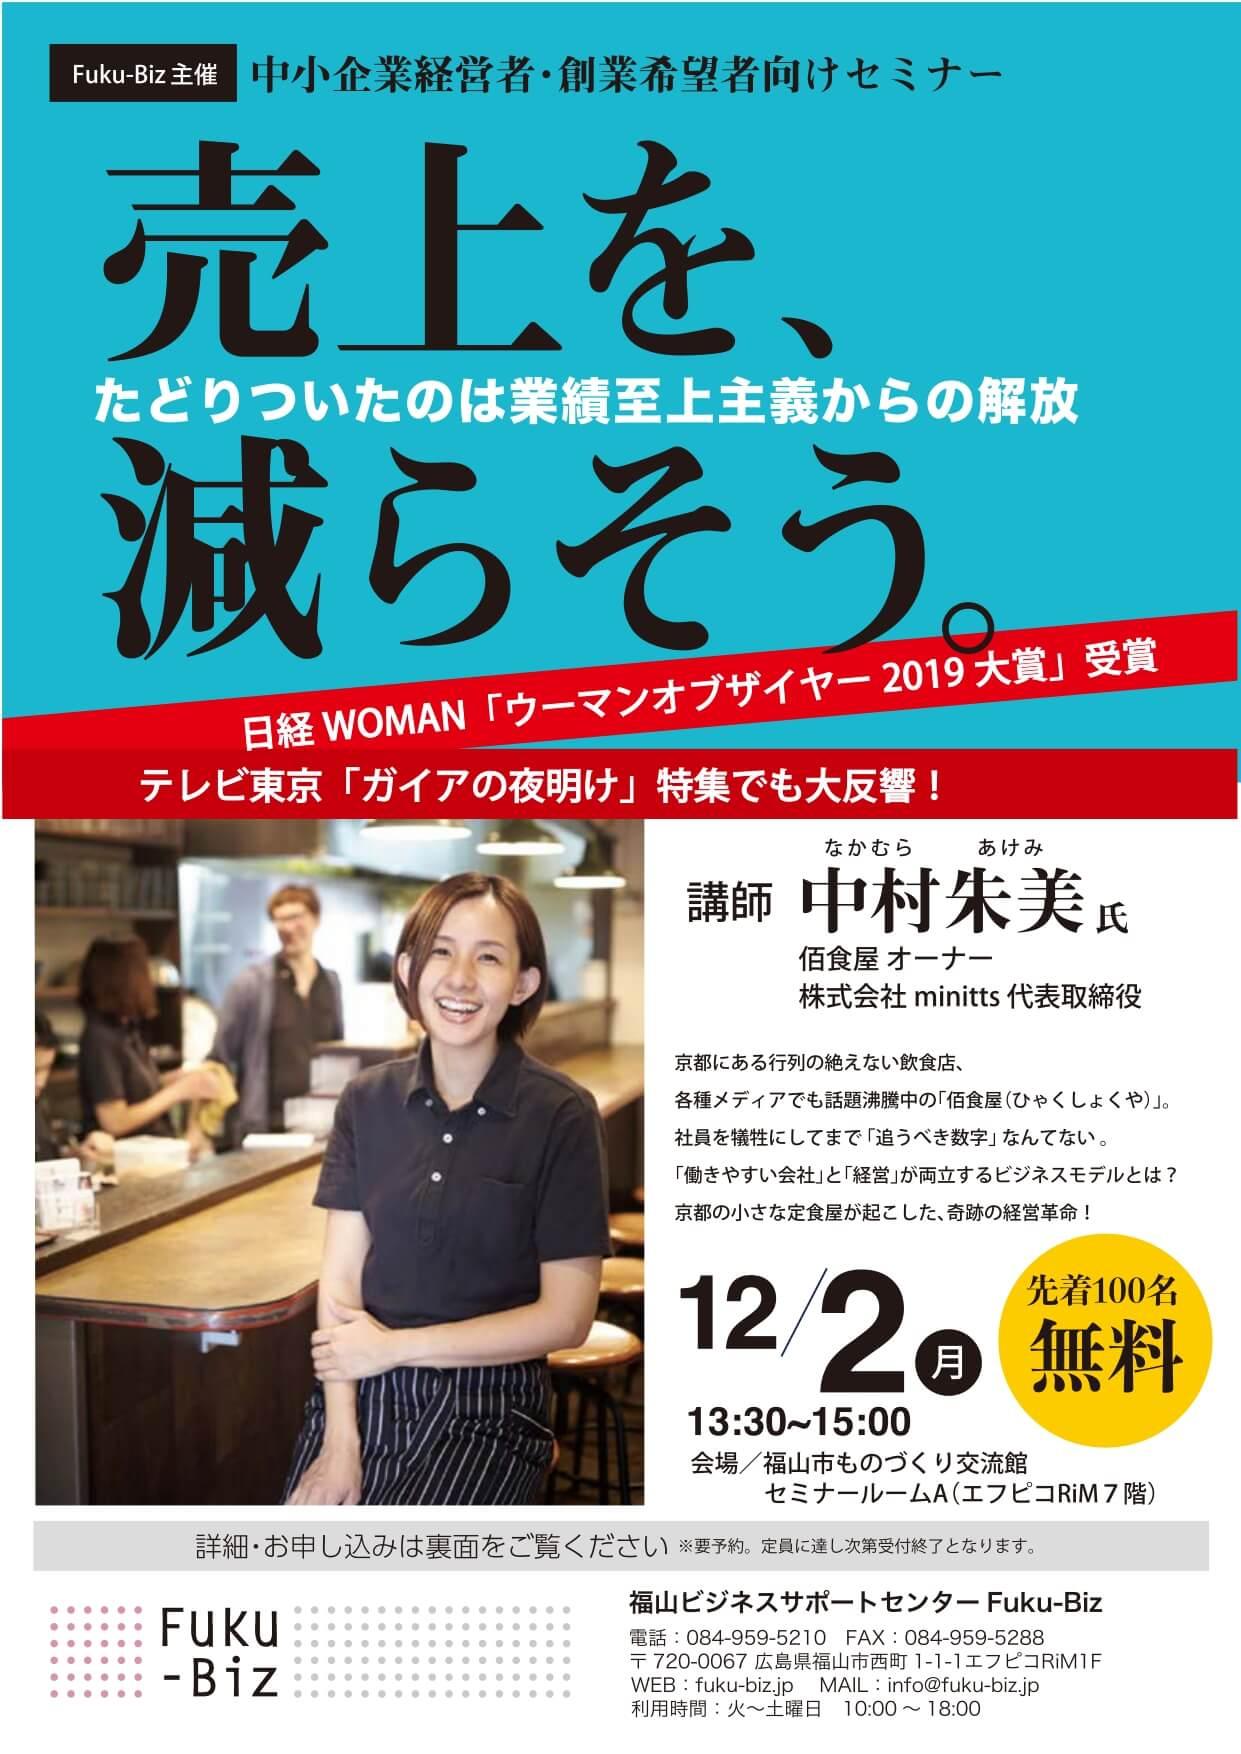 佰食屋オーナー中村さんをお迎えし、セミナーを開催します!